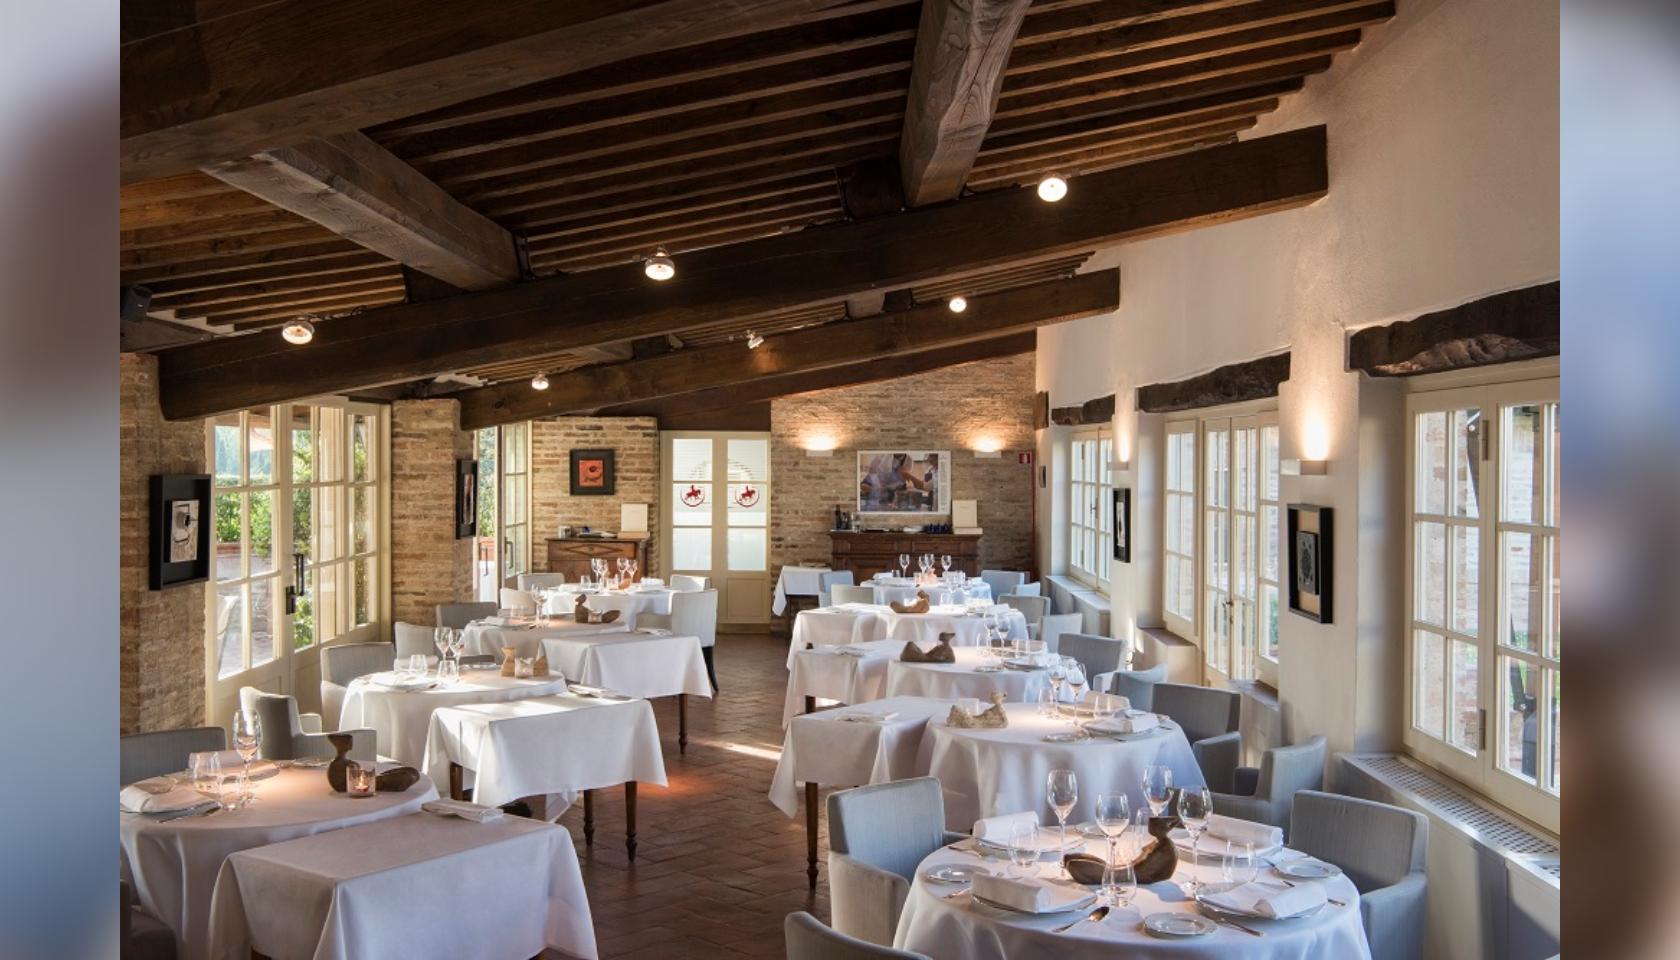 Soggiorno di due notti presso il Borgo San Felice di Siena ...